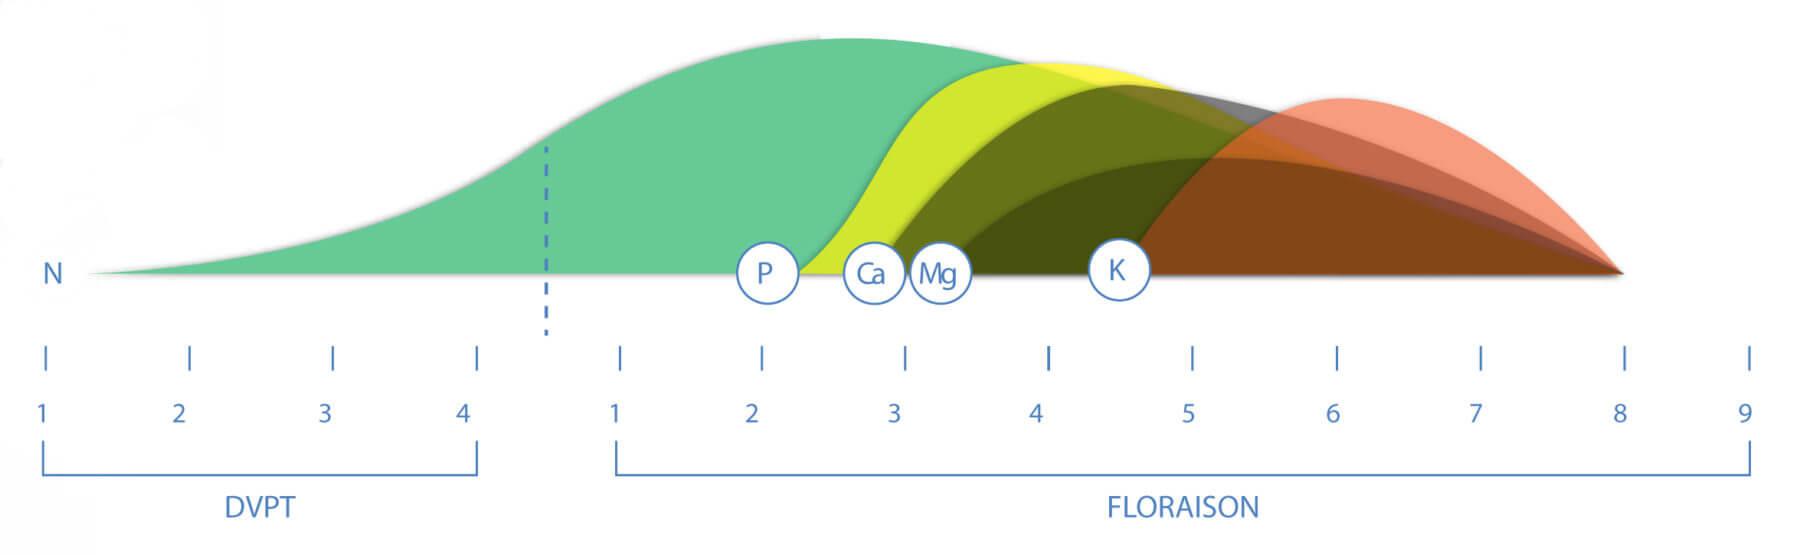 Grafico de Aptus nutrición plantas de marihuana